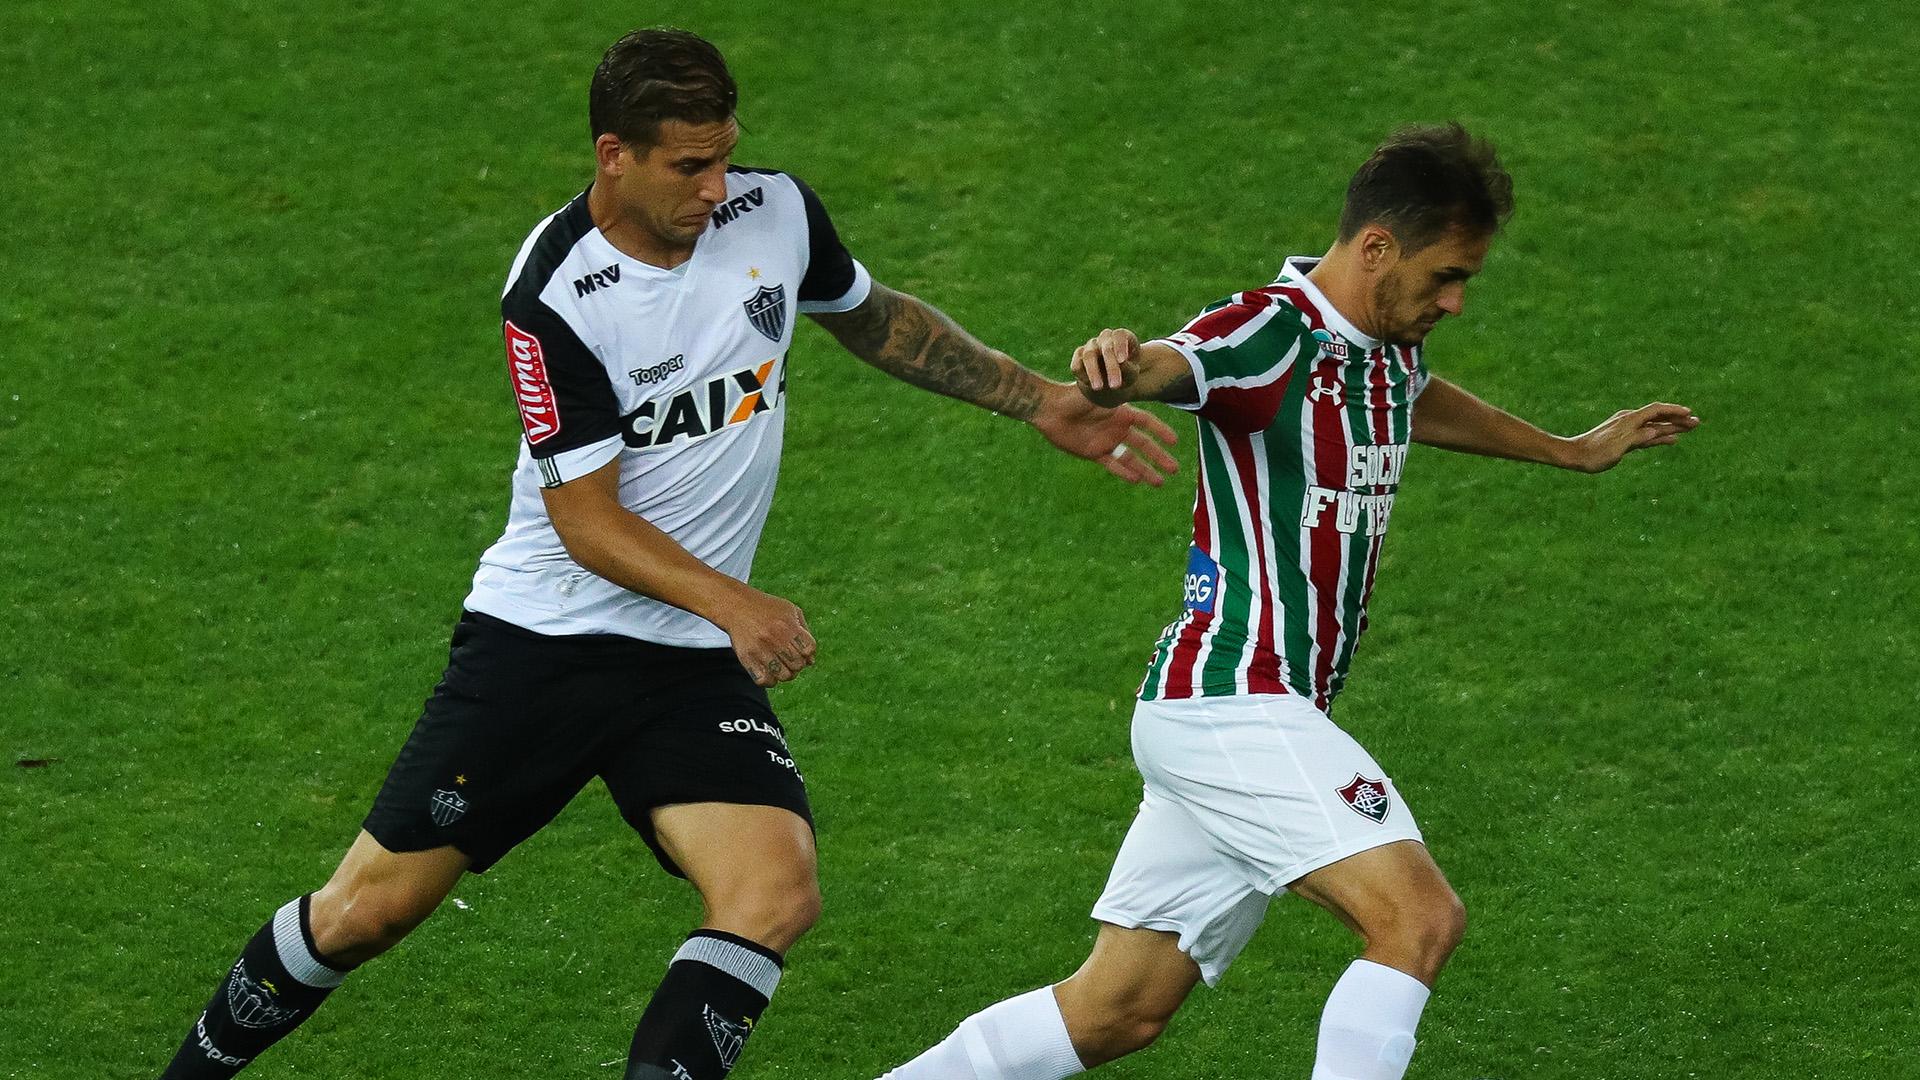 Lucas Marques Rafael Moura Fluminense Atletico-MG Brasileirao Serie A 21082017